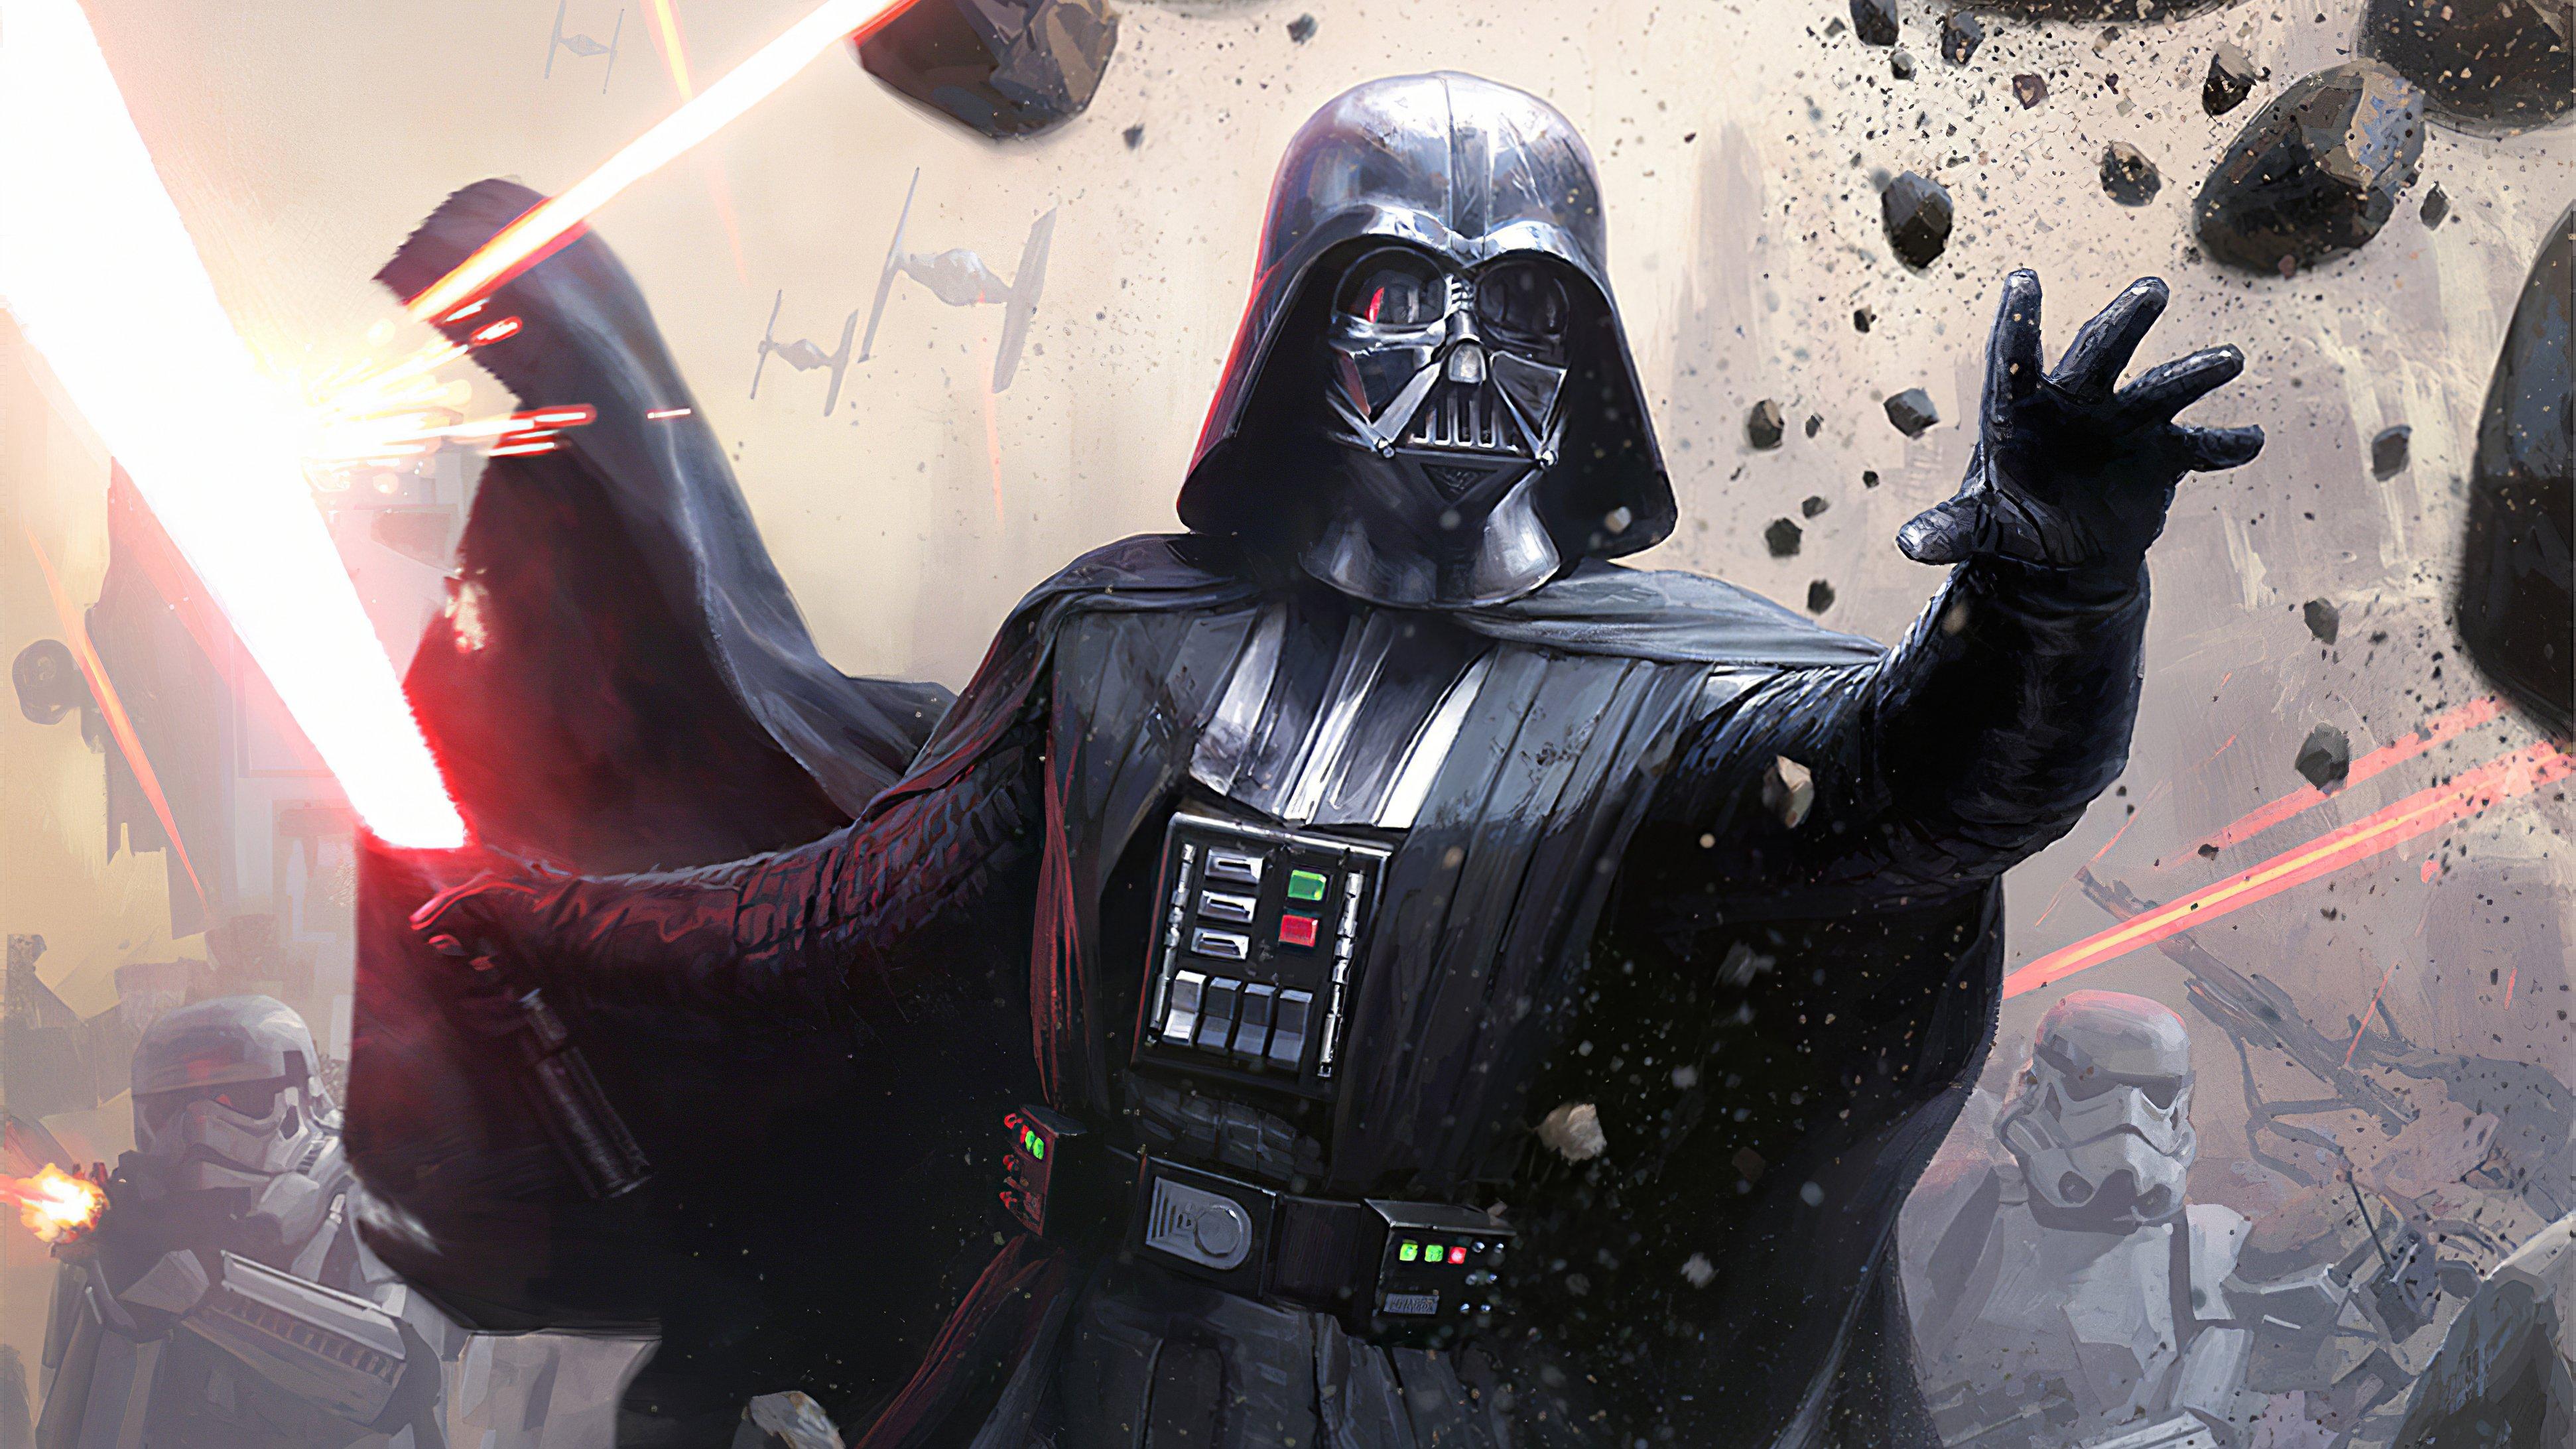 Wallpaper Darth Vader from Star Wars